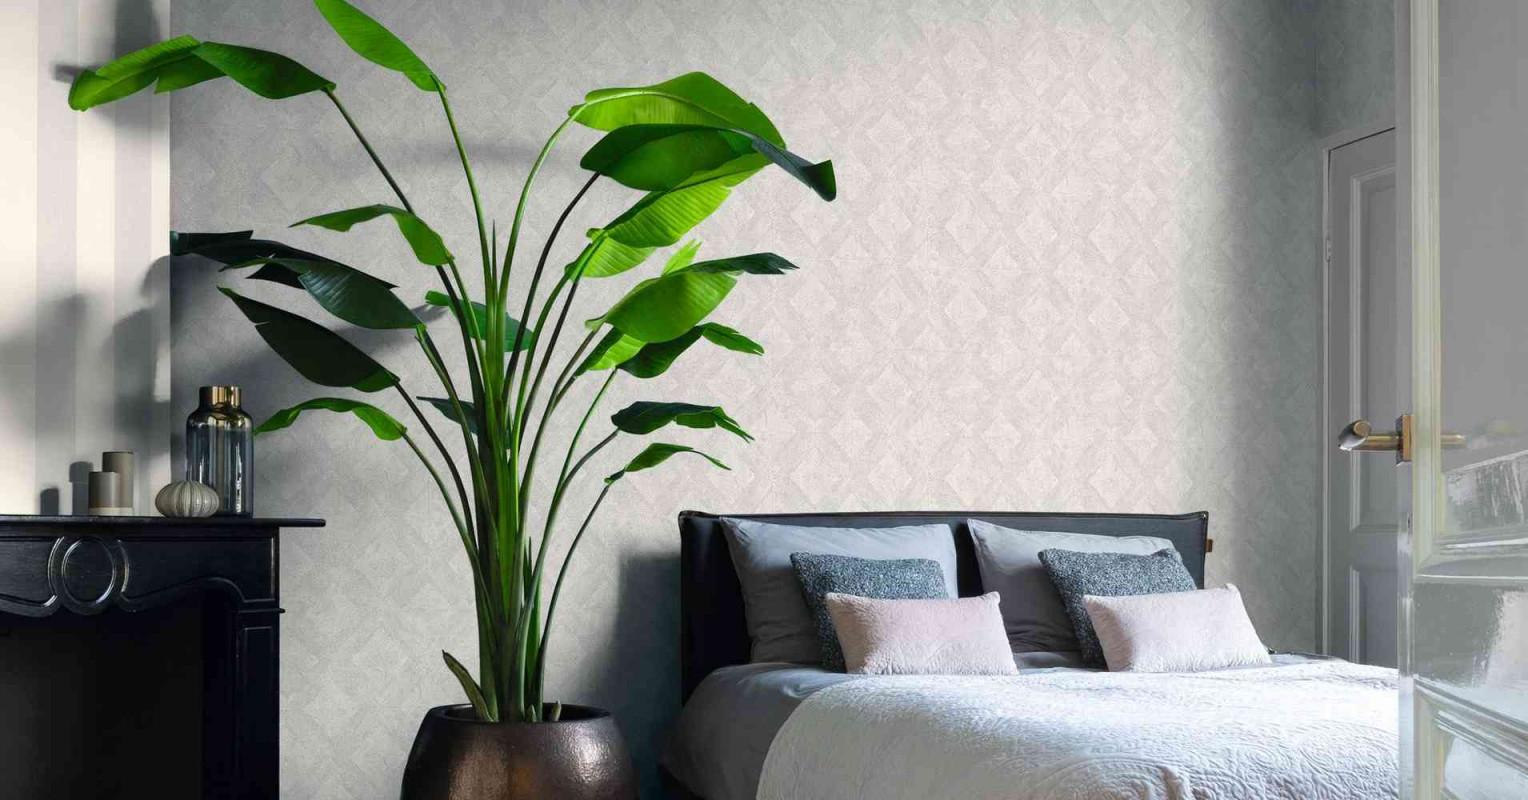 10 Große Zimmerpflanzen Die Garantiert Eindruck Schinden von Wohnzimmer Mit Pflanzen Gestalten Photo